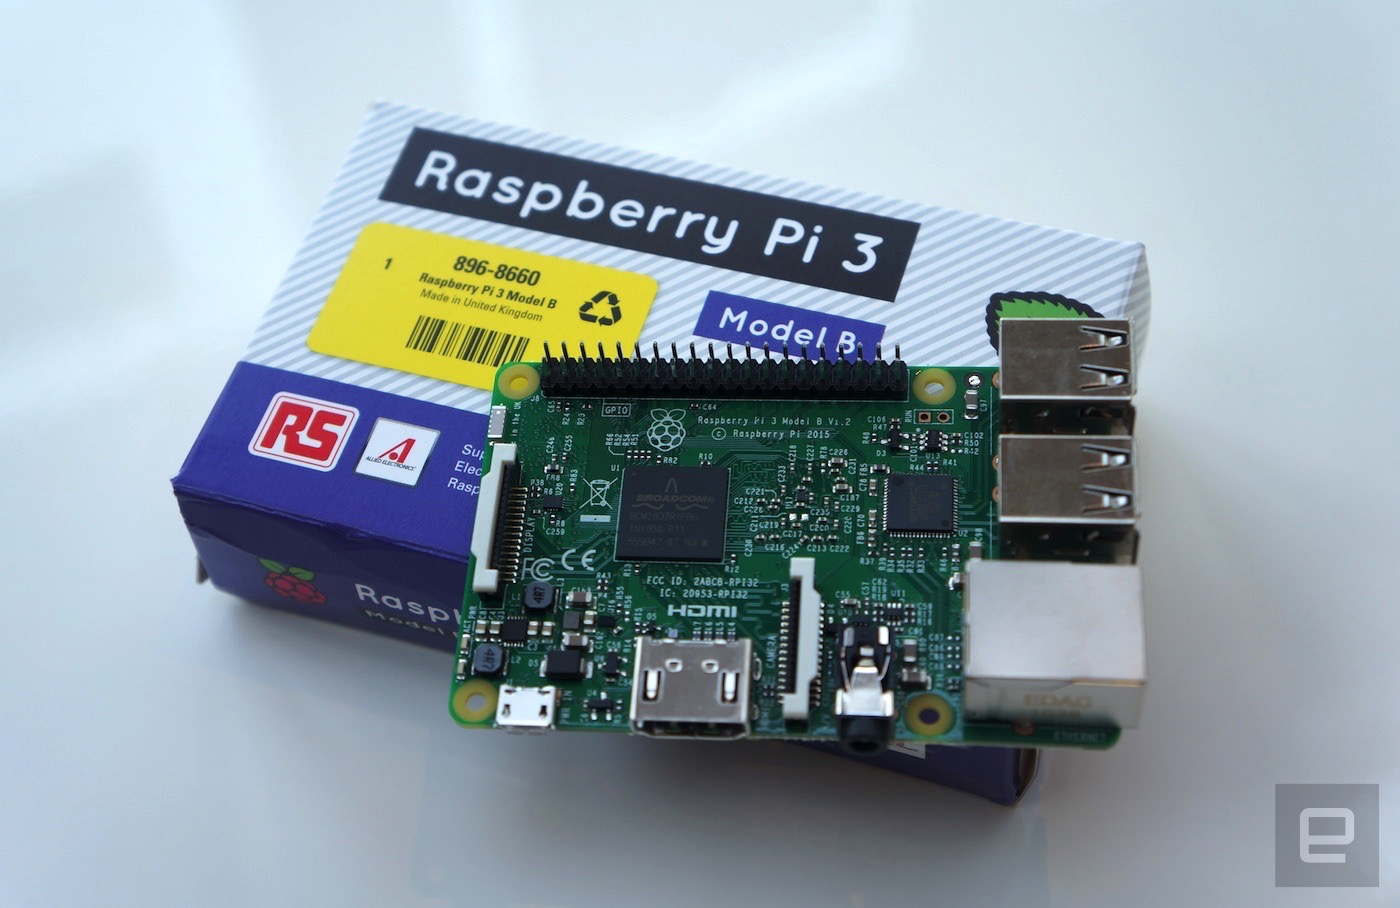 新一代的树莓派3版本——raspberry pi 3 发布了